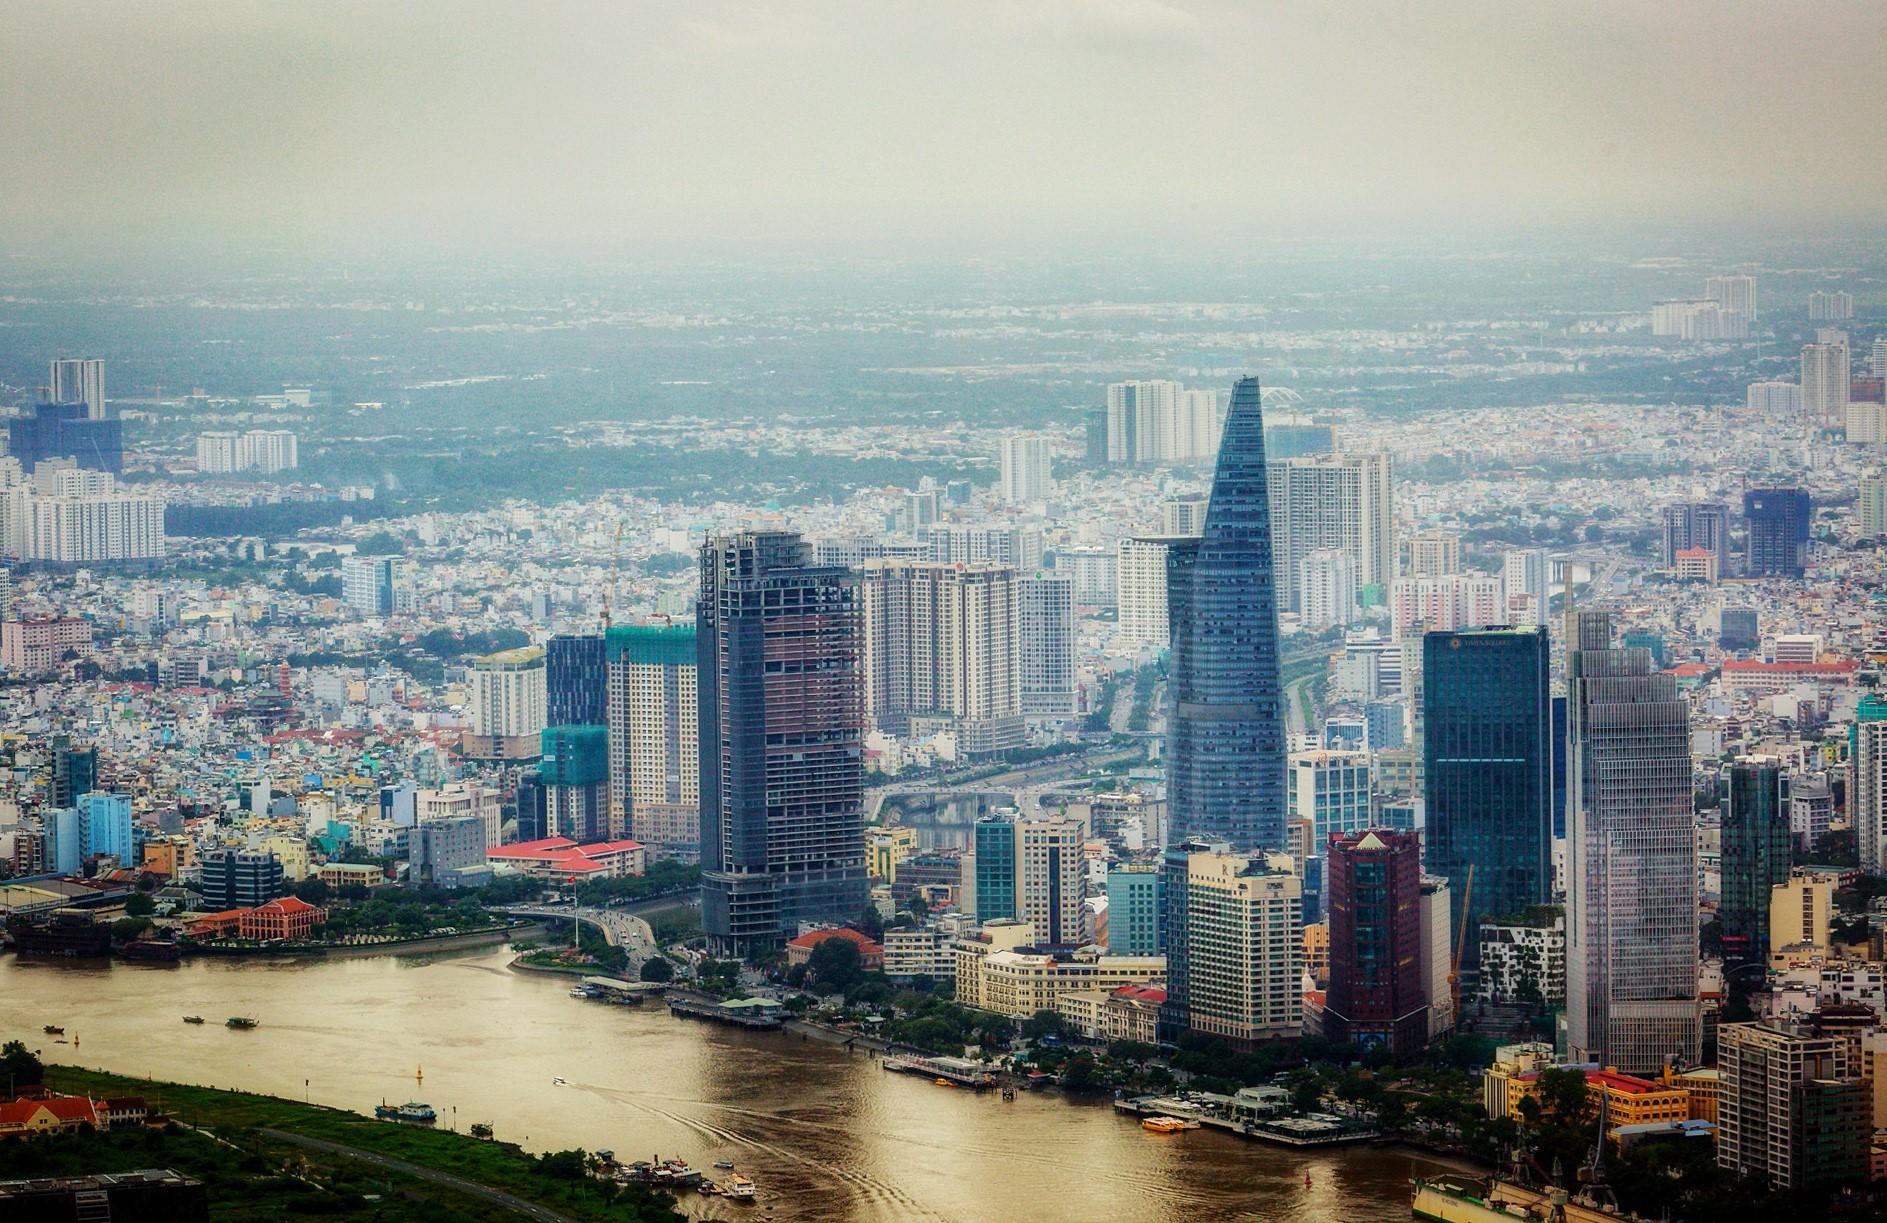 Tin tức Bất động sản ngày 9/6: Vicem xin bán tháp nghìn tỉ bỏ hoang, dự án vịt giời ở Phú Quốc... - Ảnh 2.